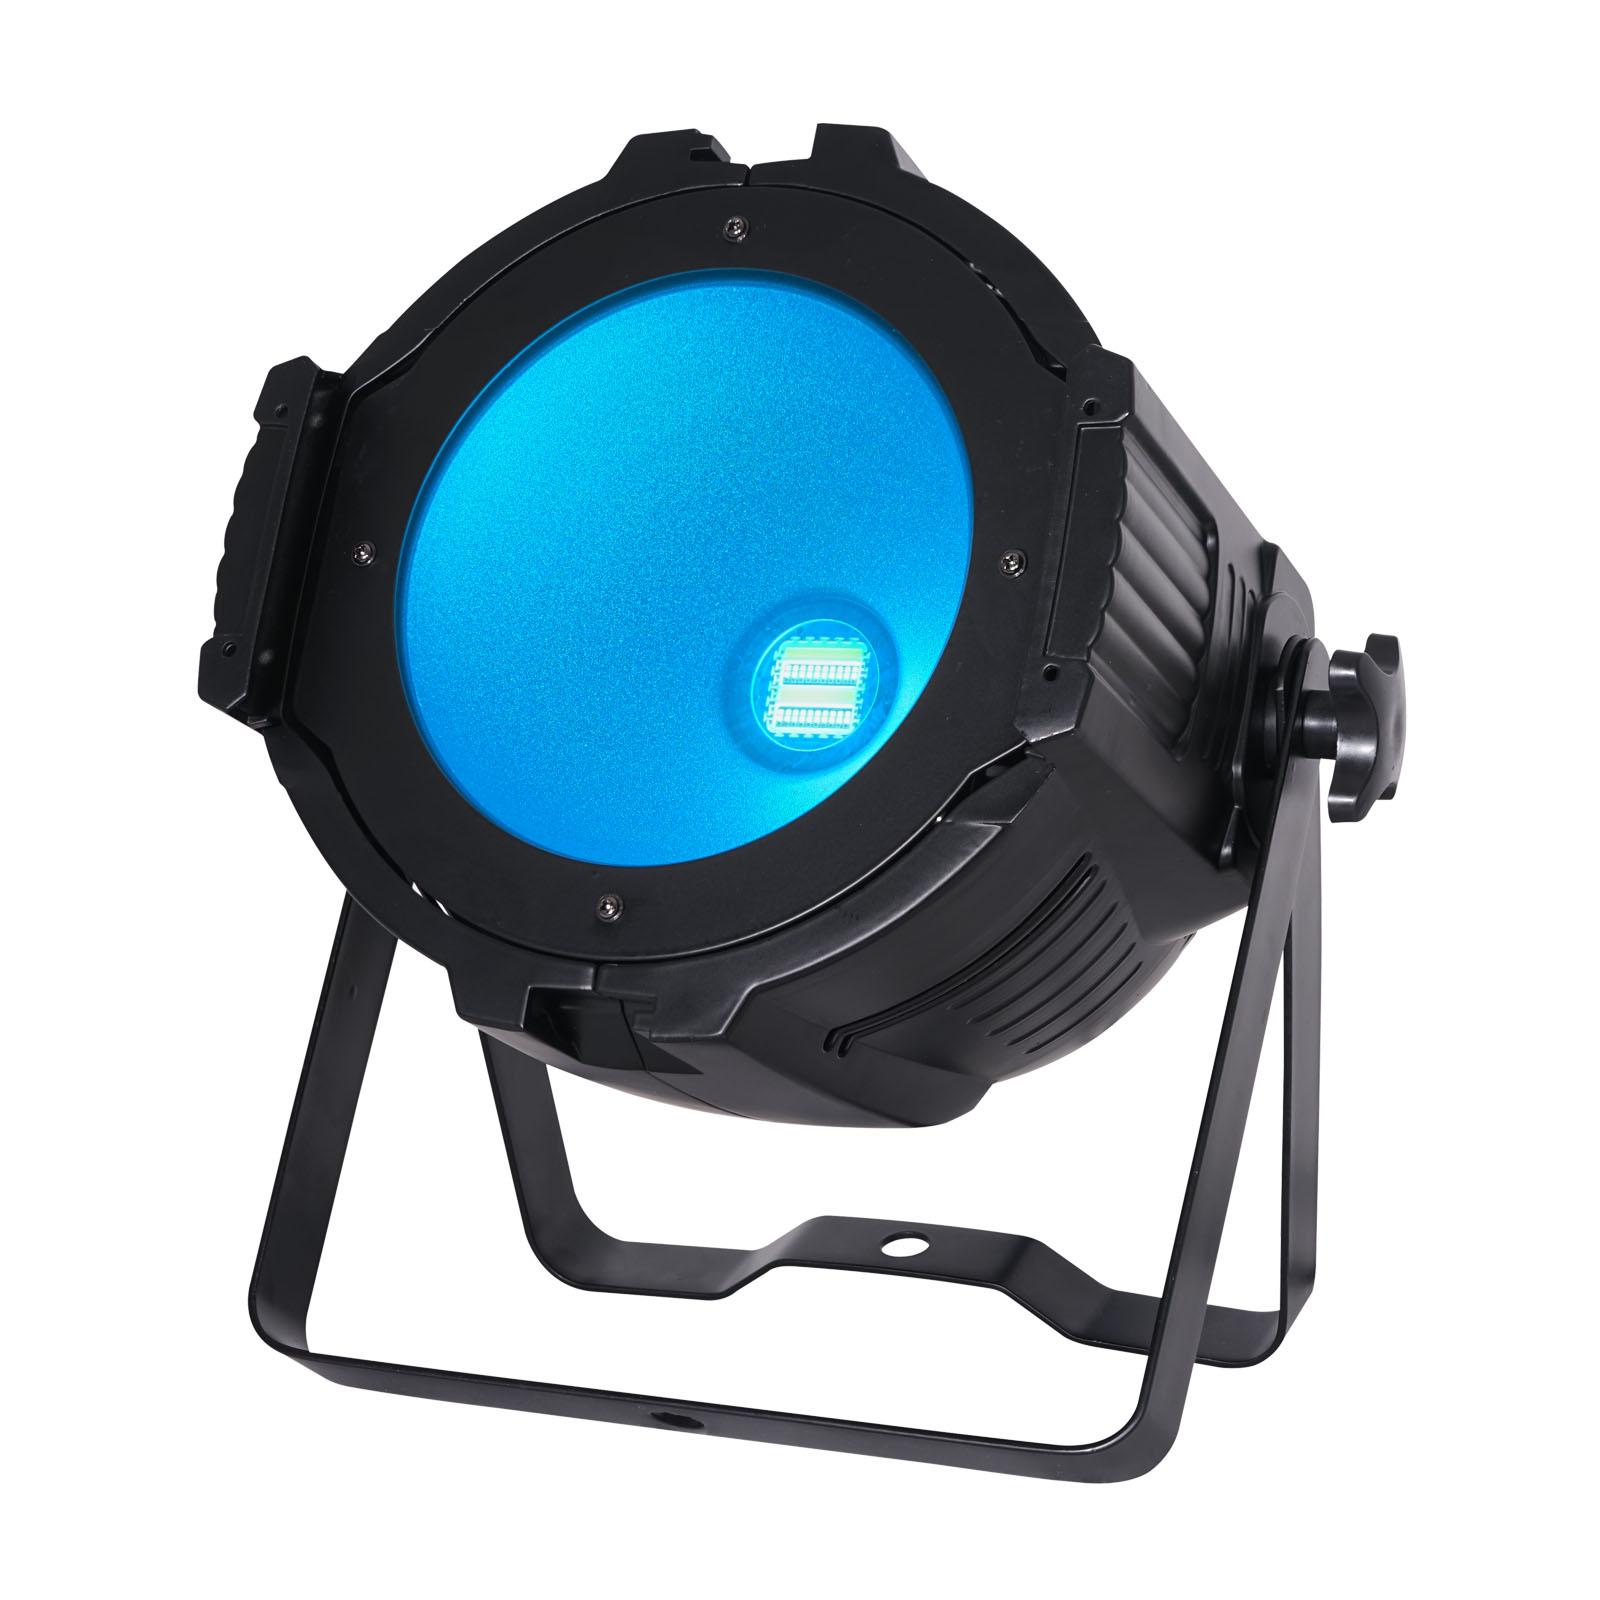 Performer 200 Quad LED Par lit up blue